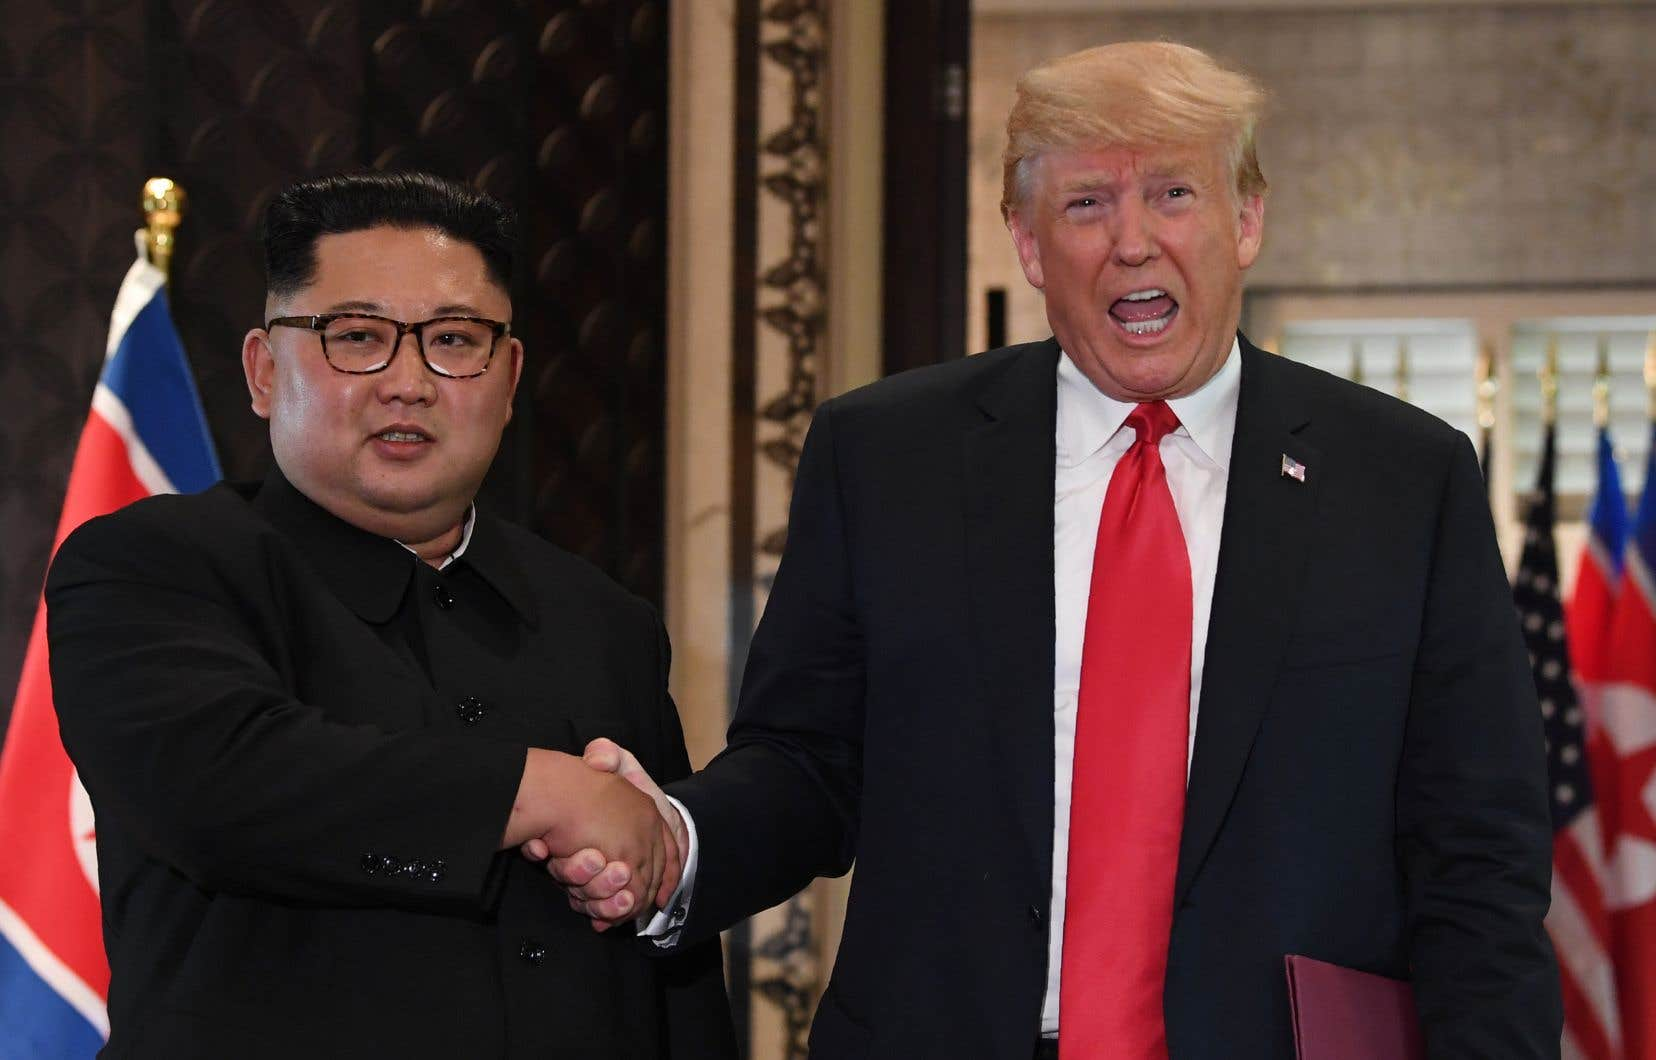 Le numéro un nord-coréen, Kim Jong-un, et le président américain, Donald Trump, se sont rencontrés et serrés la main le 12 juin dernier à Singapour.